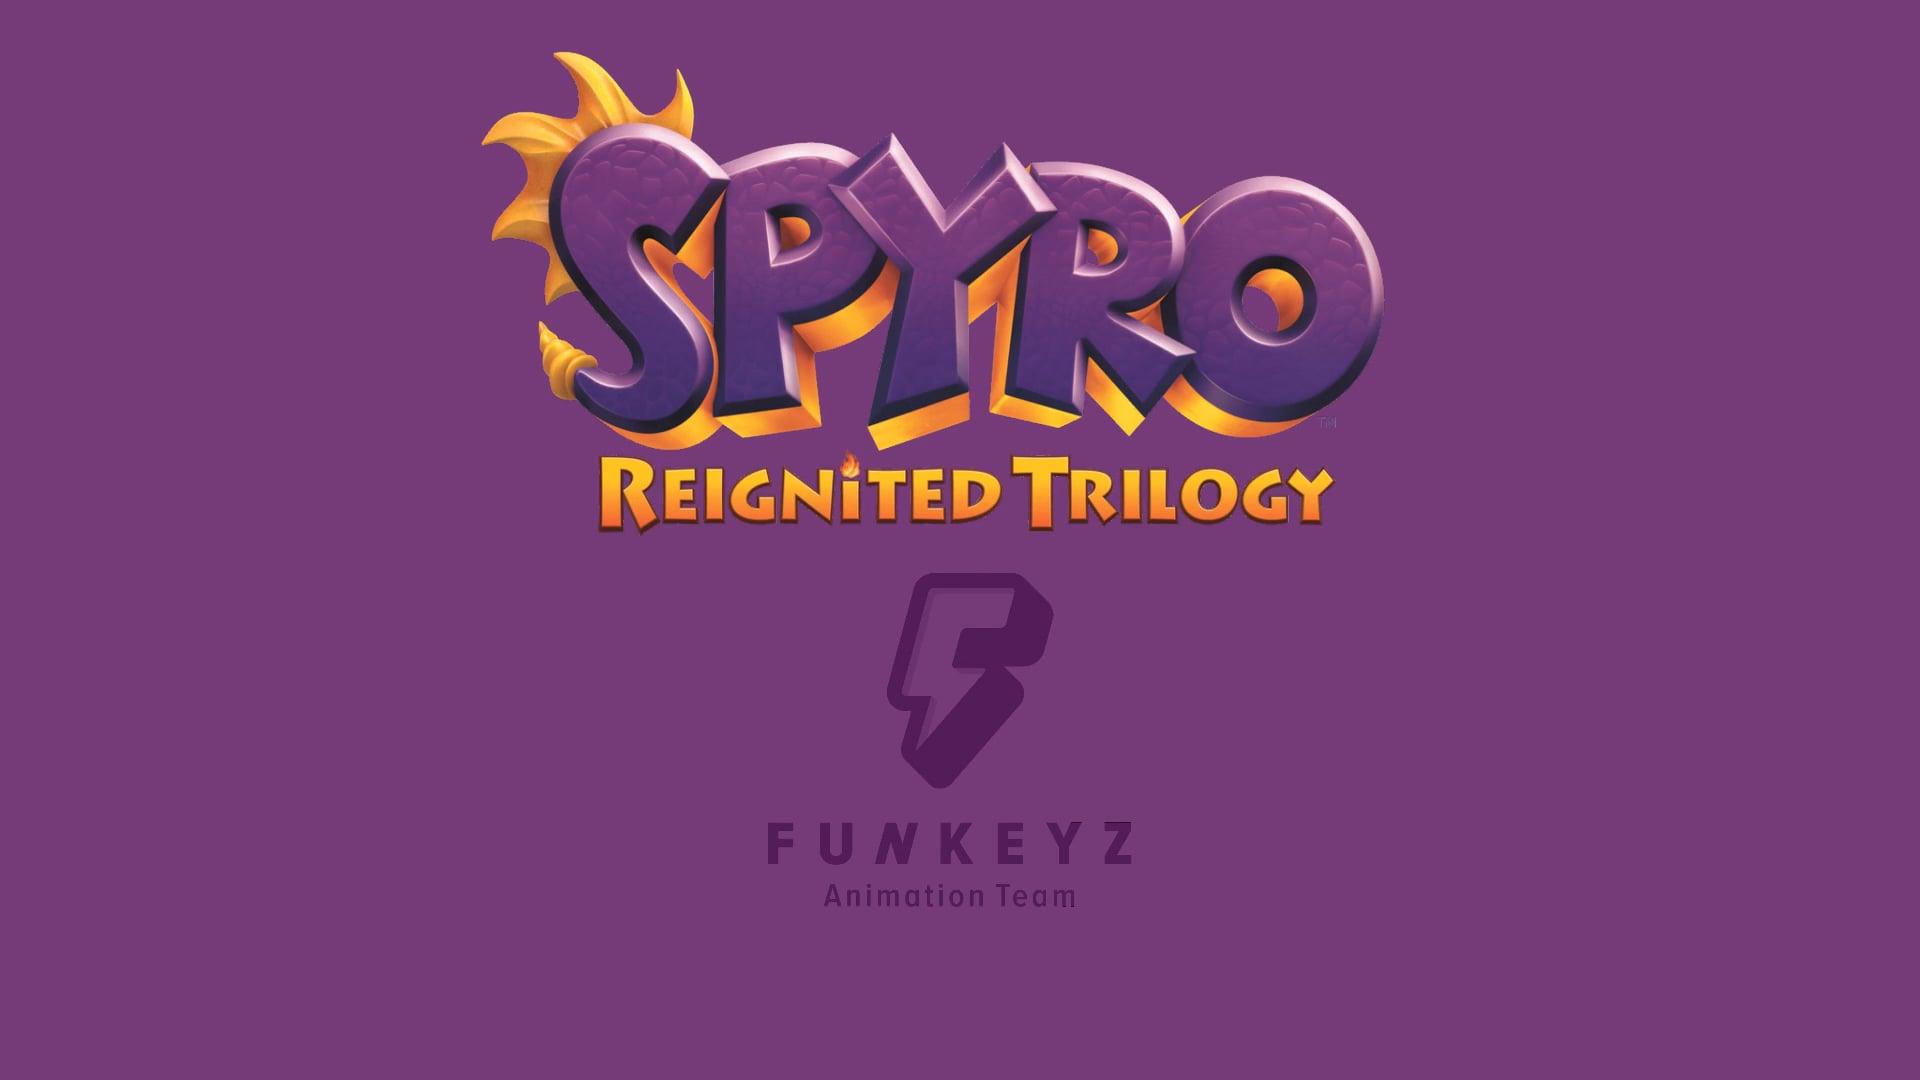 Funkeyz Spyro Dragons